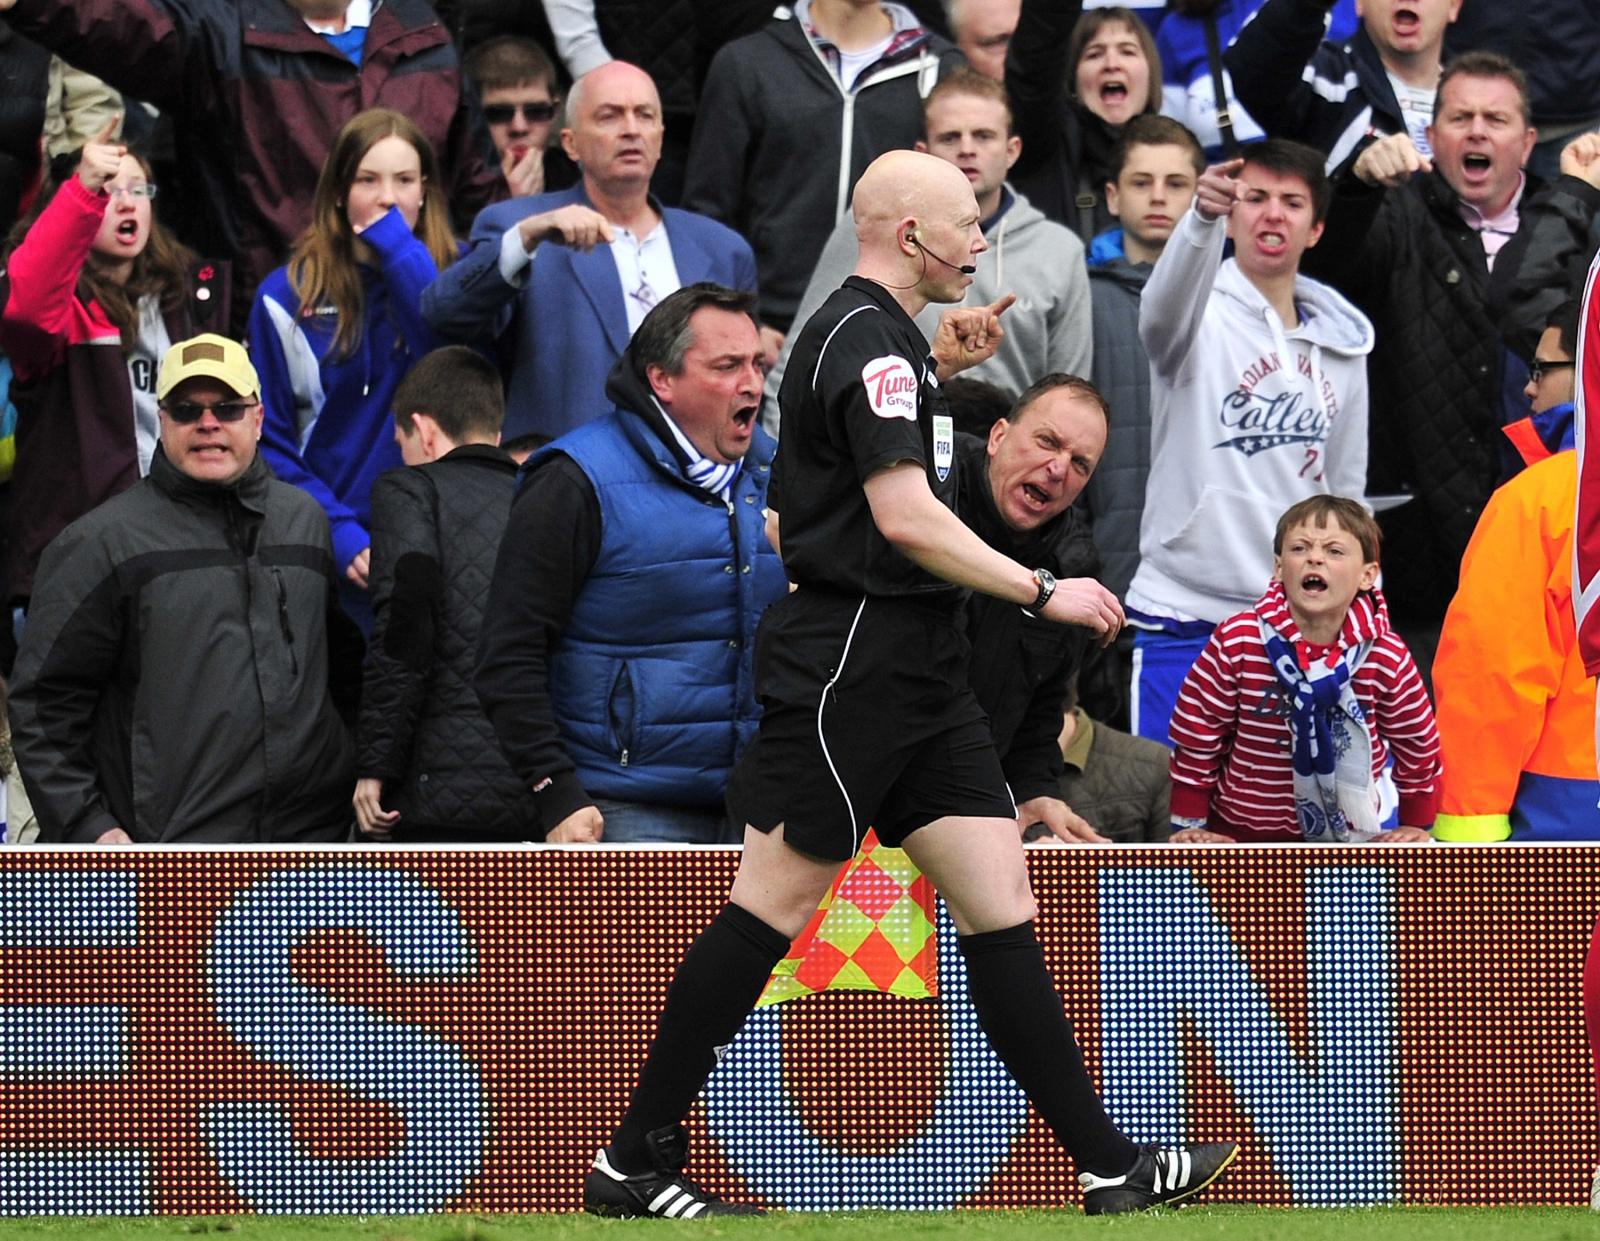 Referee hostility